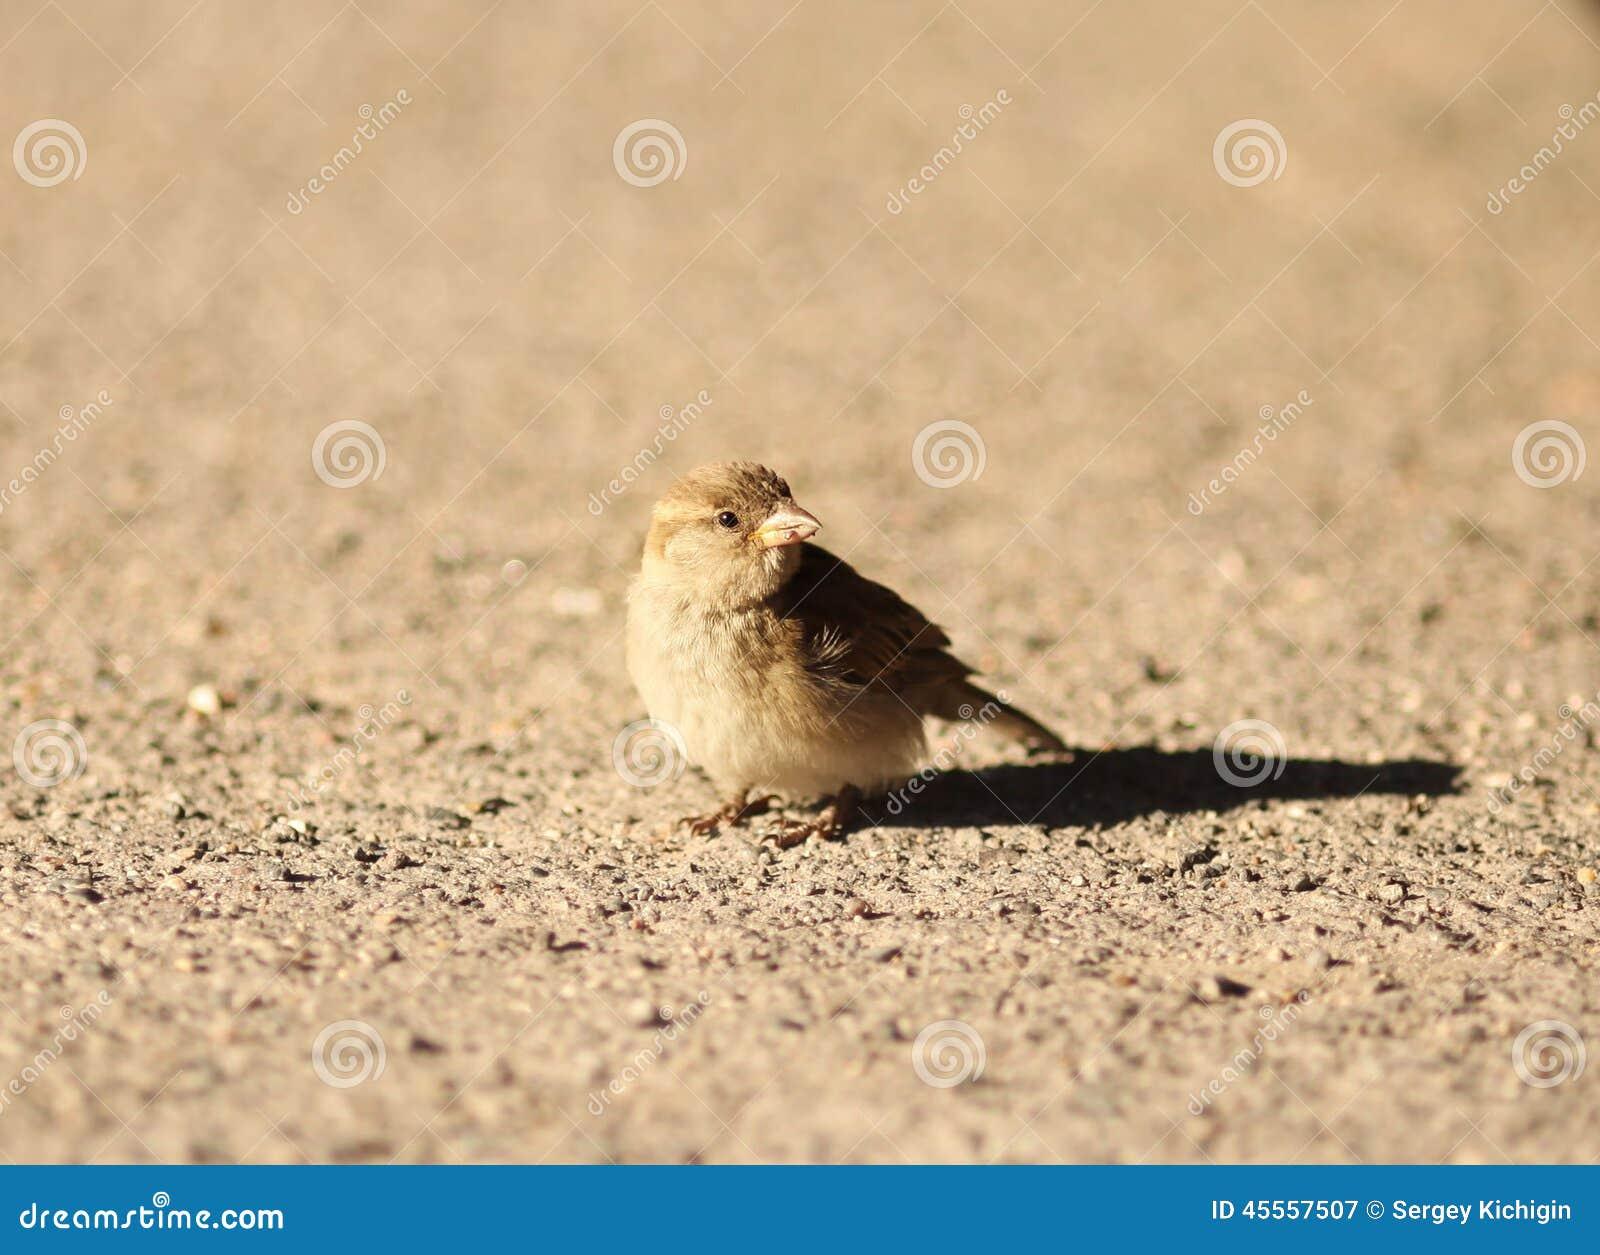 Un pequeño pájaro en una arena